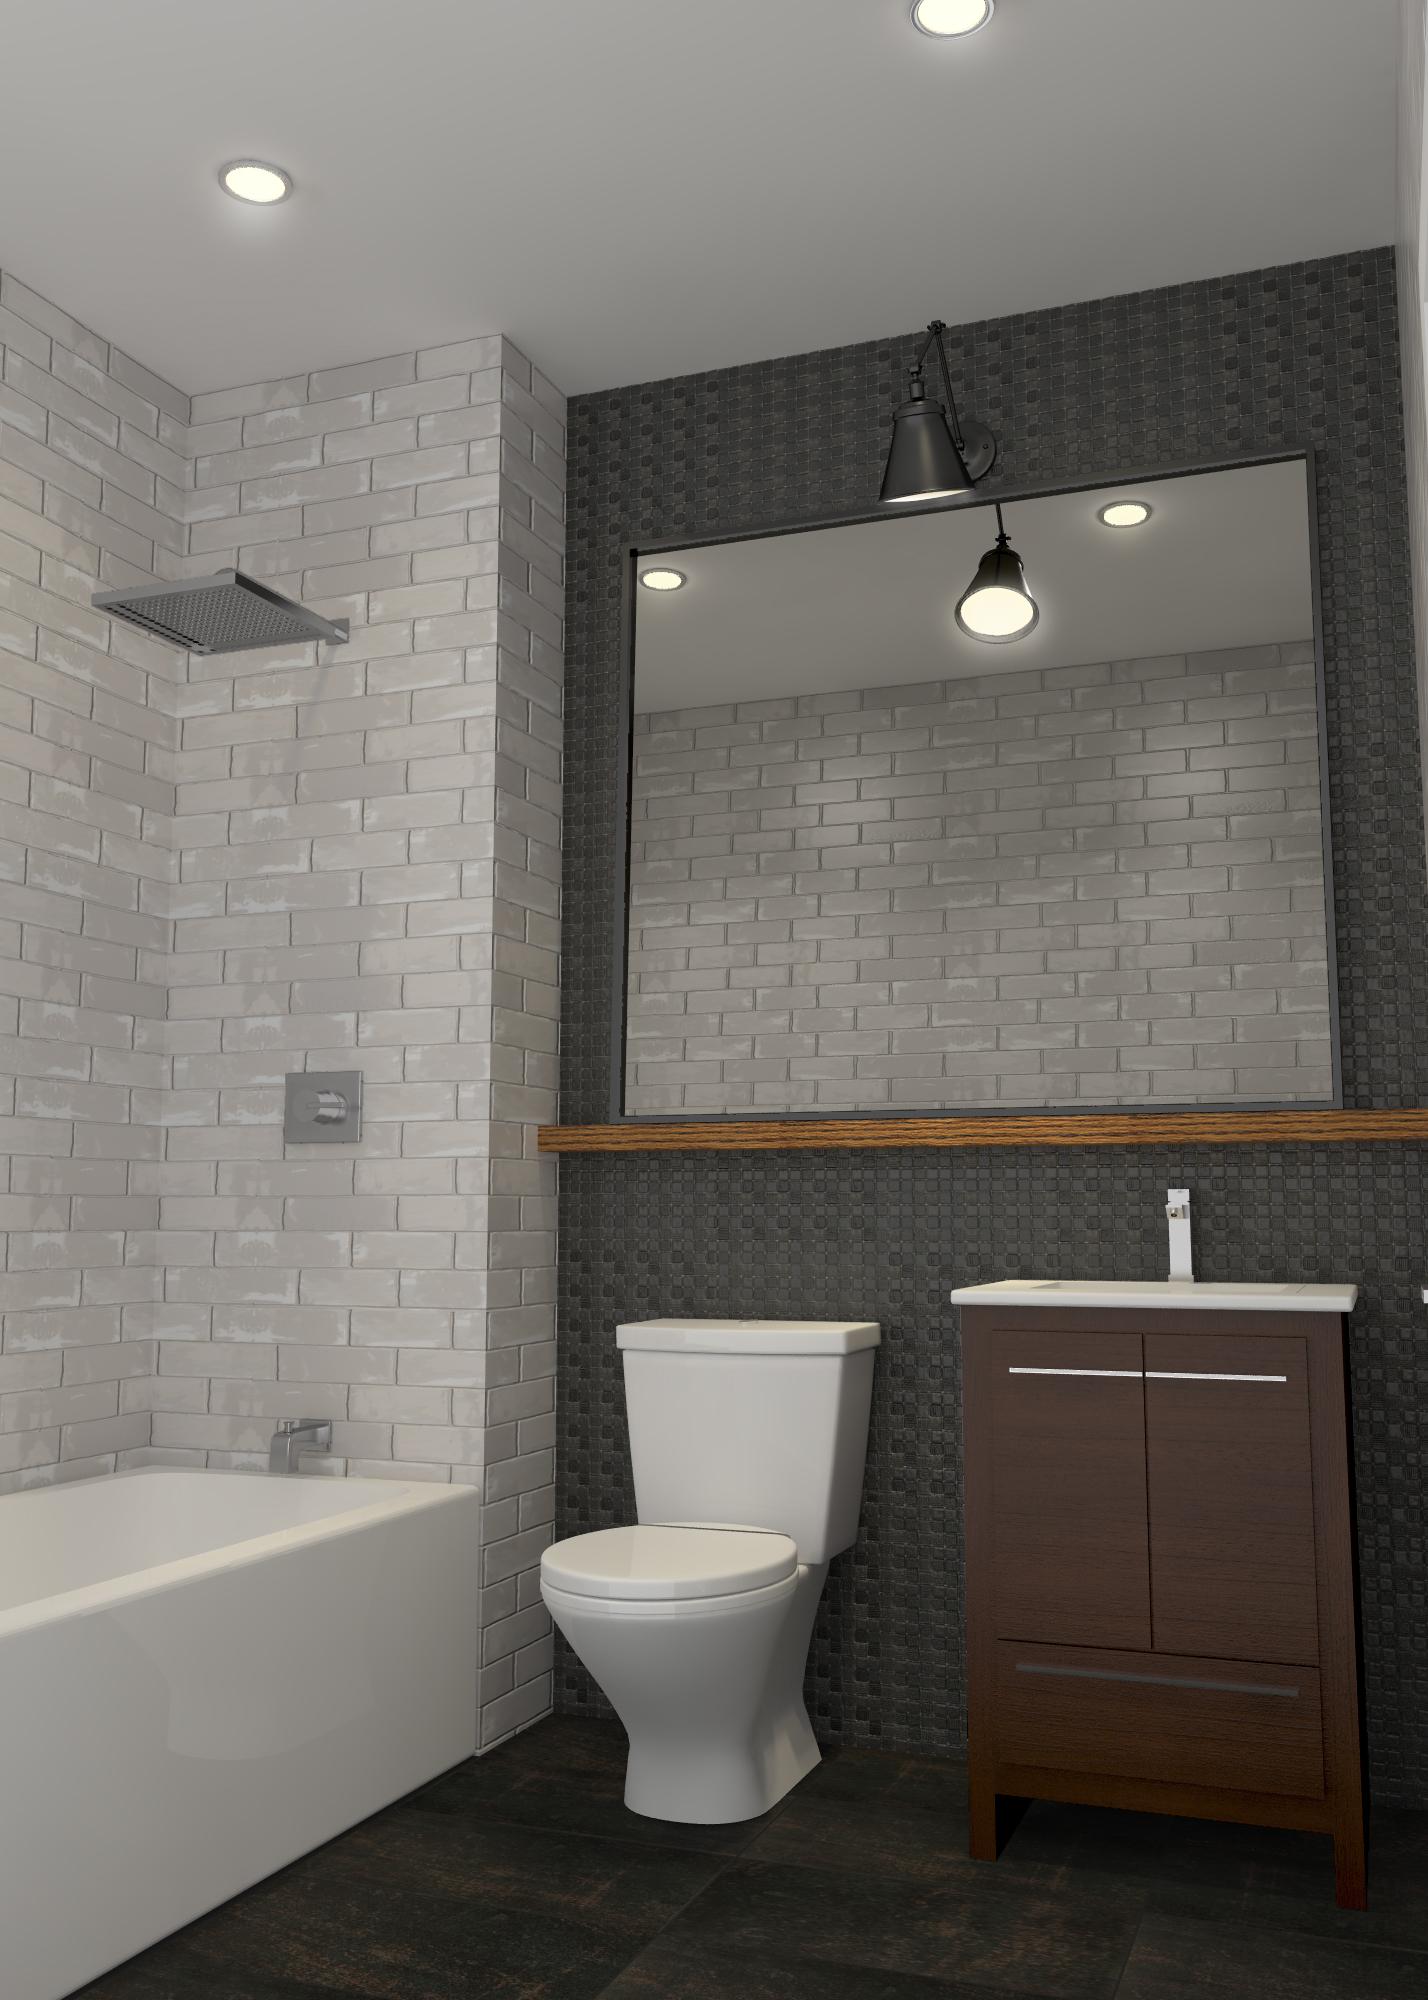 434 Manhattan - Bathroom Rendering - VIEW3.jpg